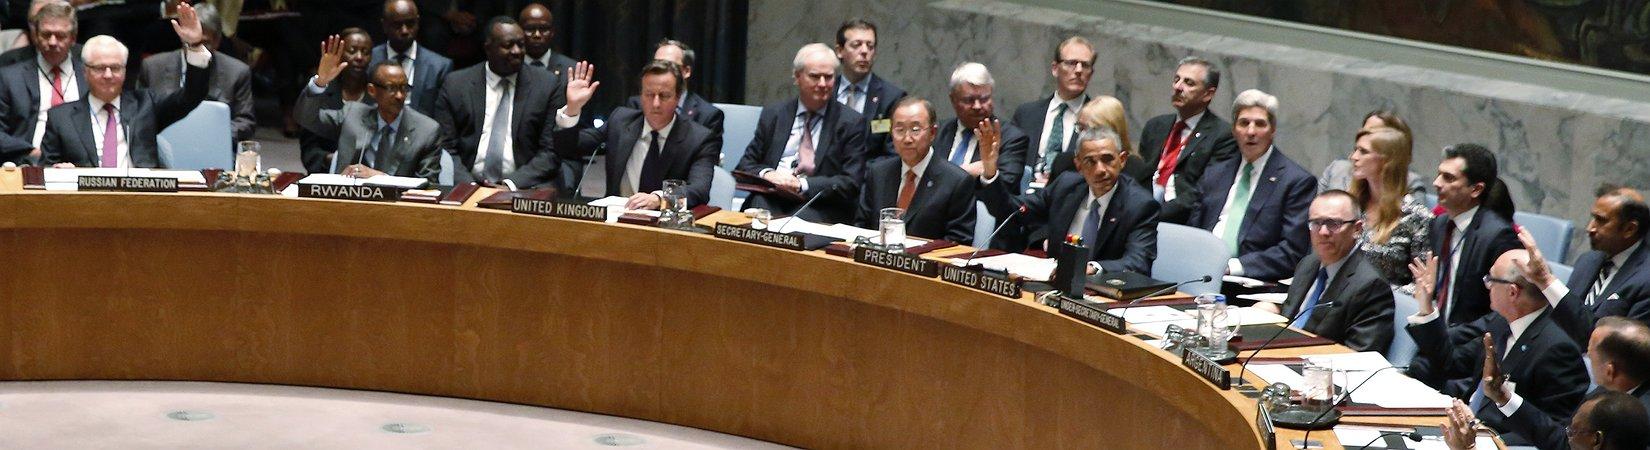 Comienza el debate anual de la Asamblea General de la ONU